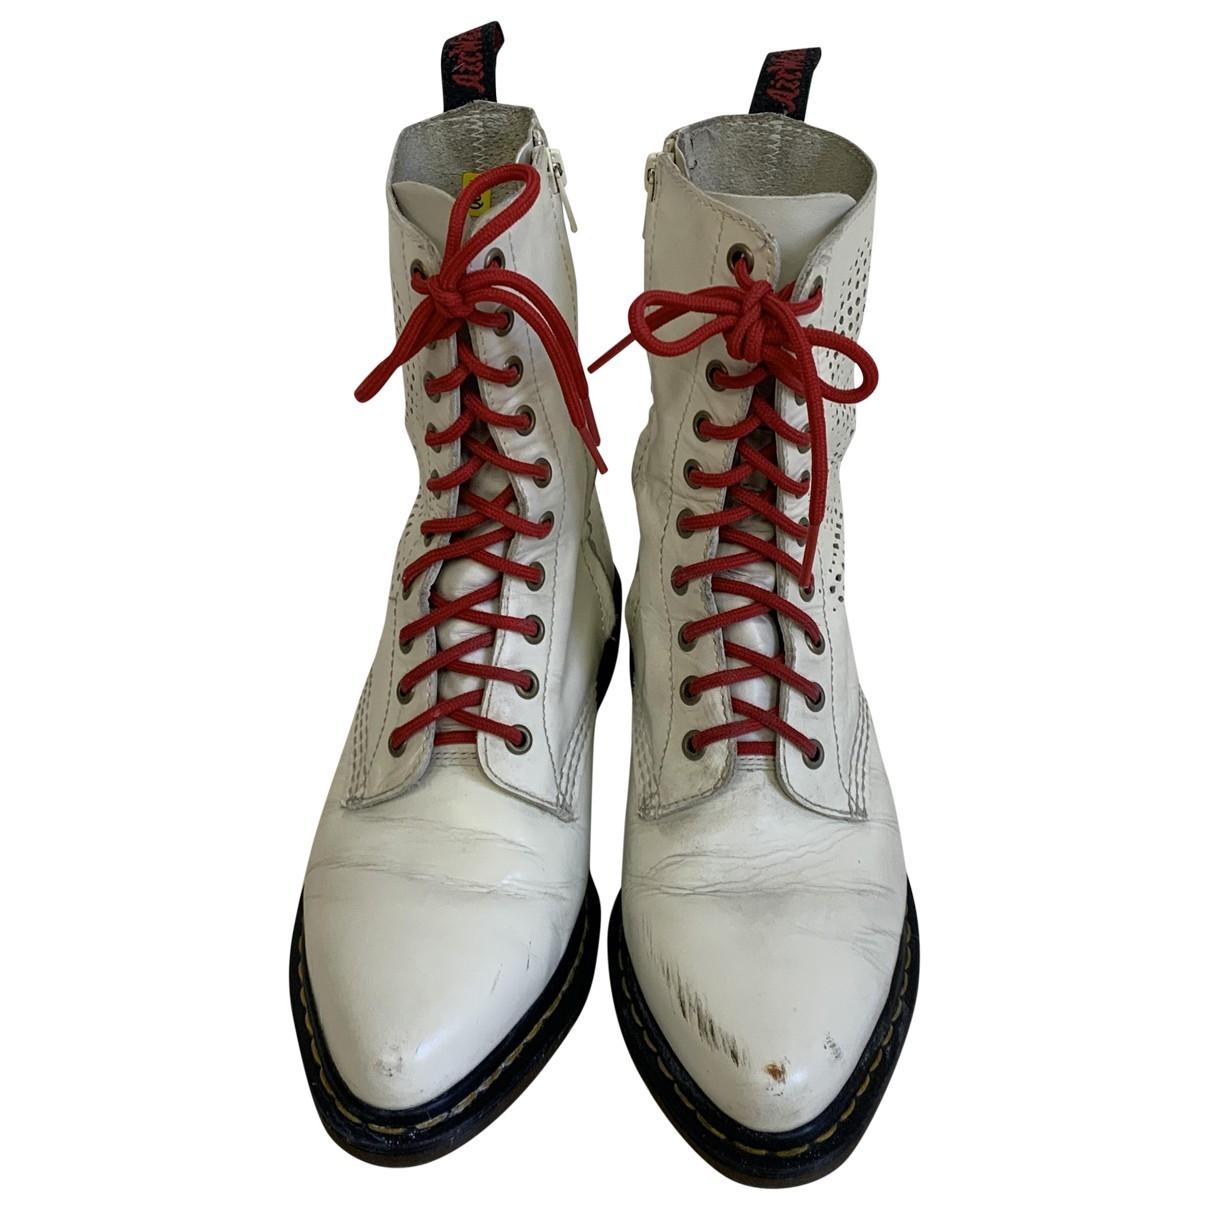 Dr. Martens - Bottes.Boots 1460 Pascal (8 eye) pour homme en cuir - blanc